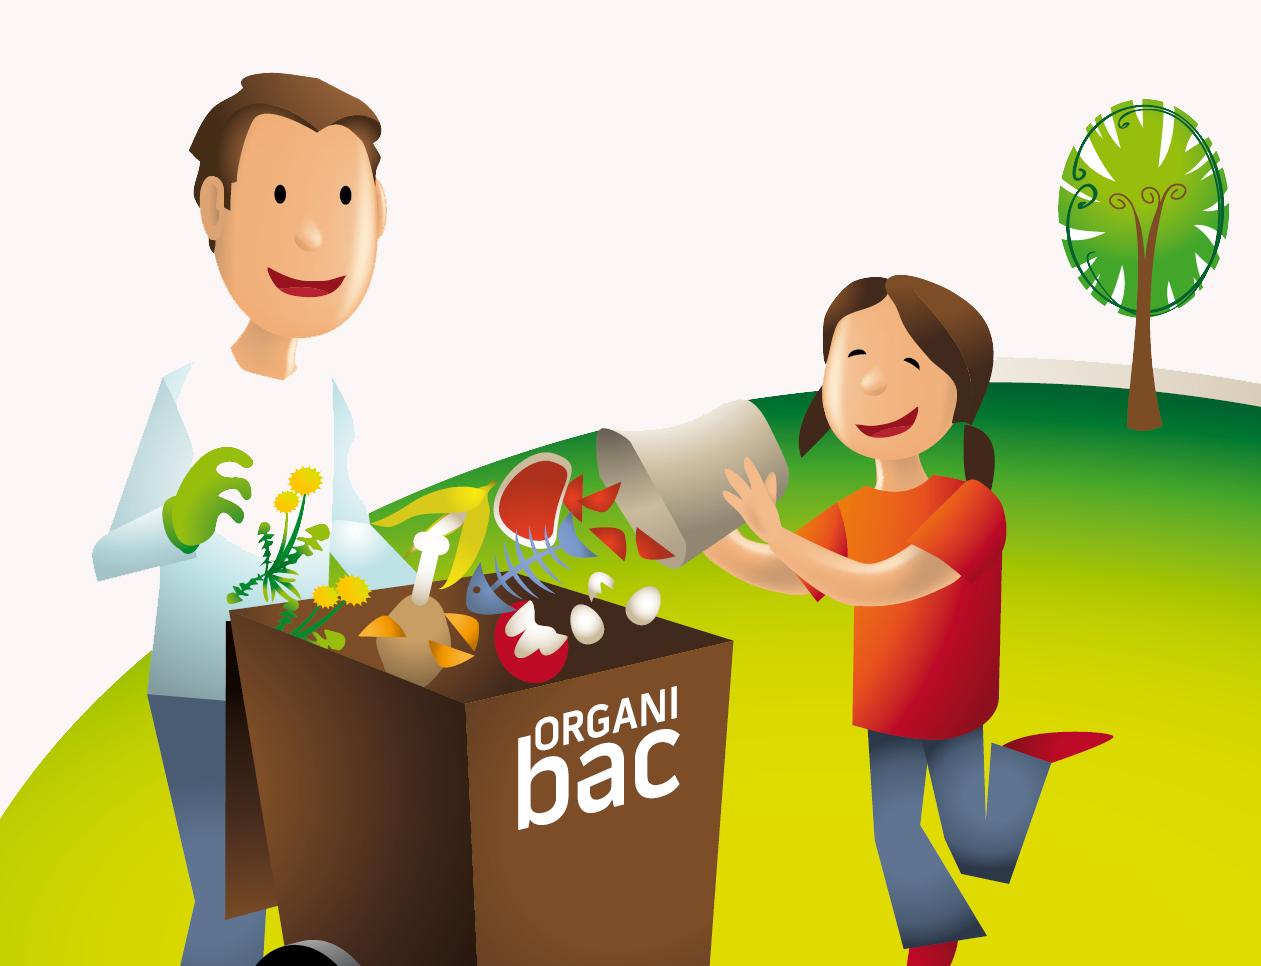 Collecte des matières organiques: évitez les désagréments cet été avec l'Organibac!